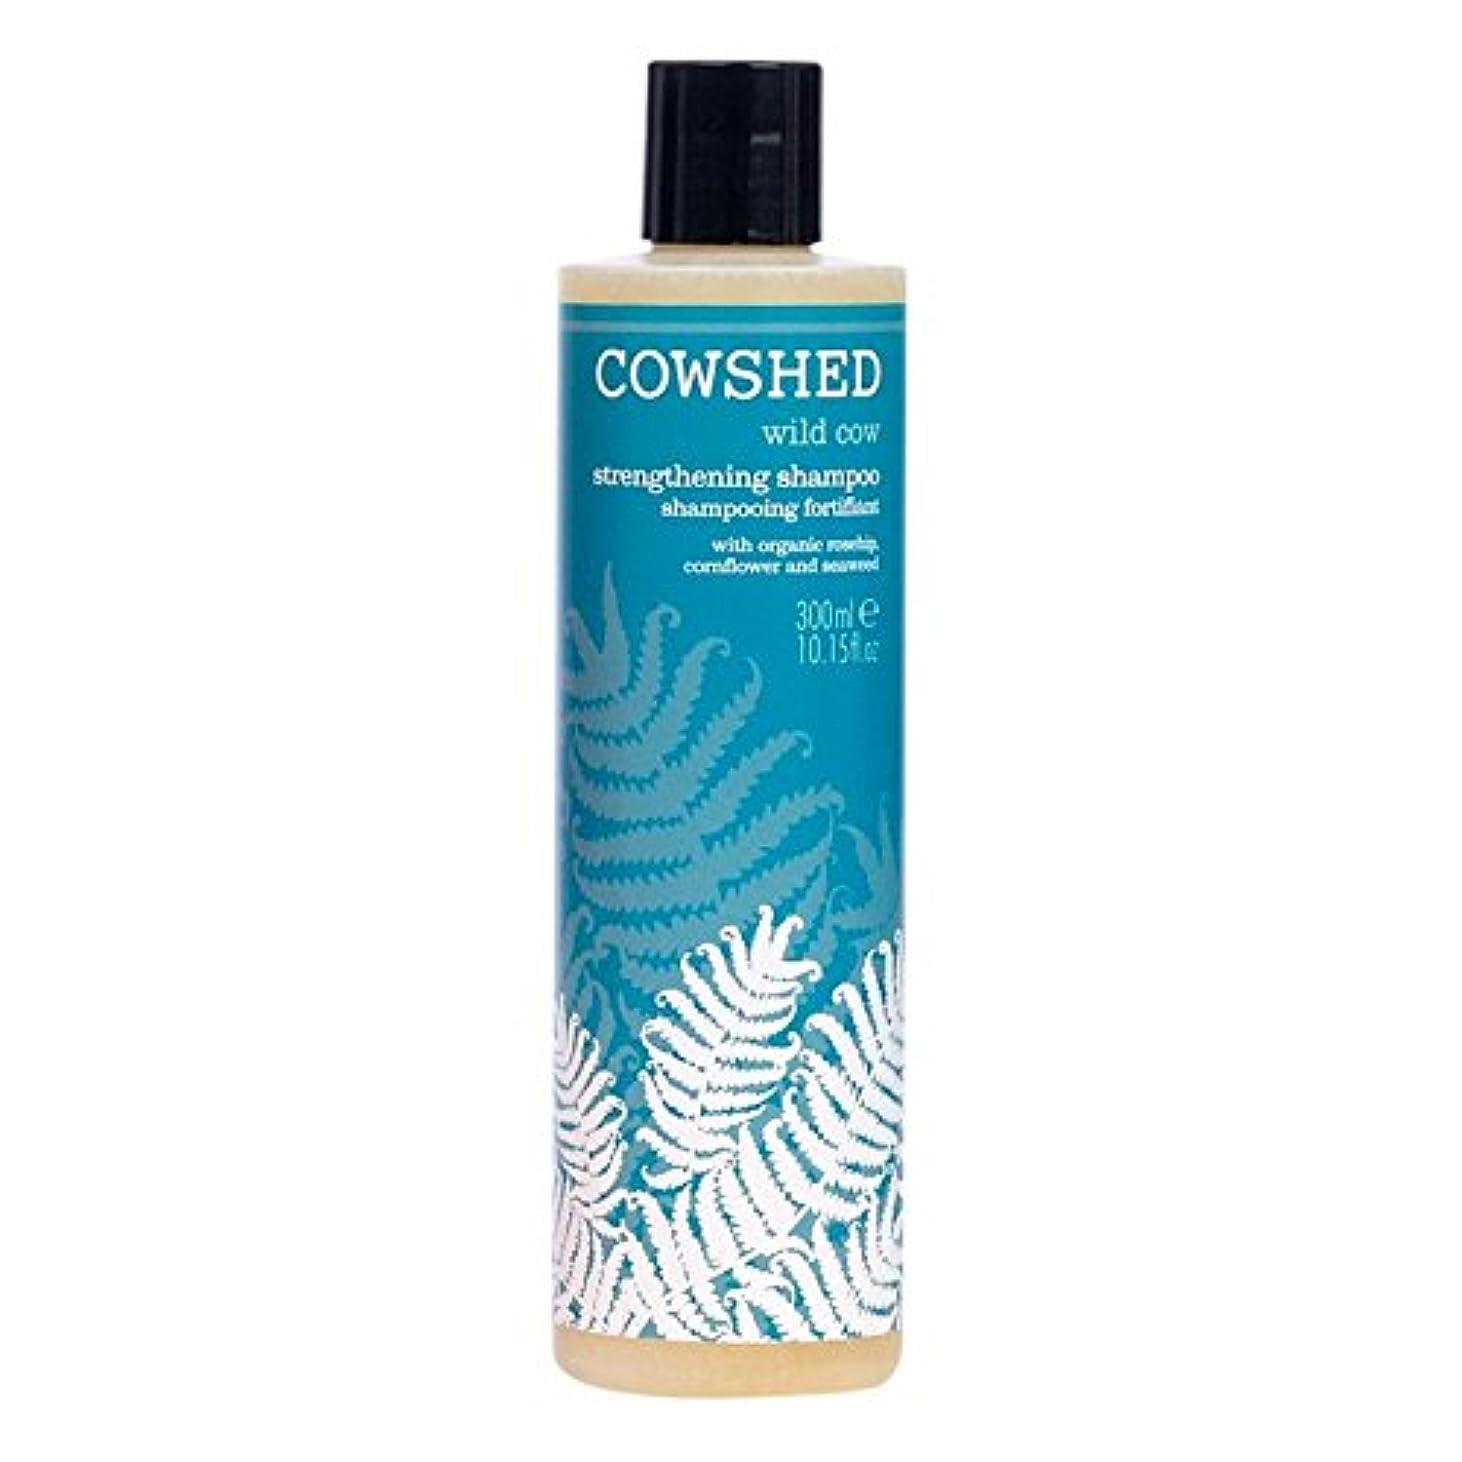 家禽燃料結核牛舎野生牛強化シャンプー300ミリリットル (Cowshed) (x2) - Cowshed Wild Cow Strengthening Shampoo 300ml (Pack of 2) [並行輸入品]